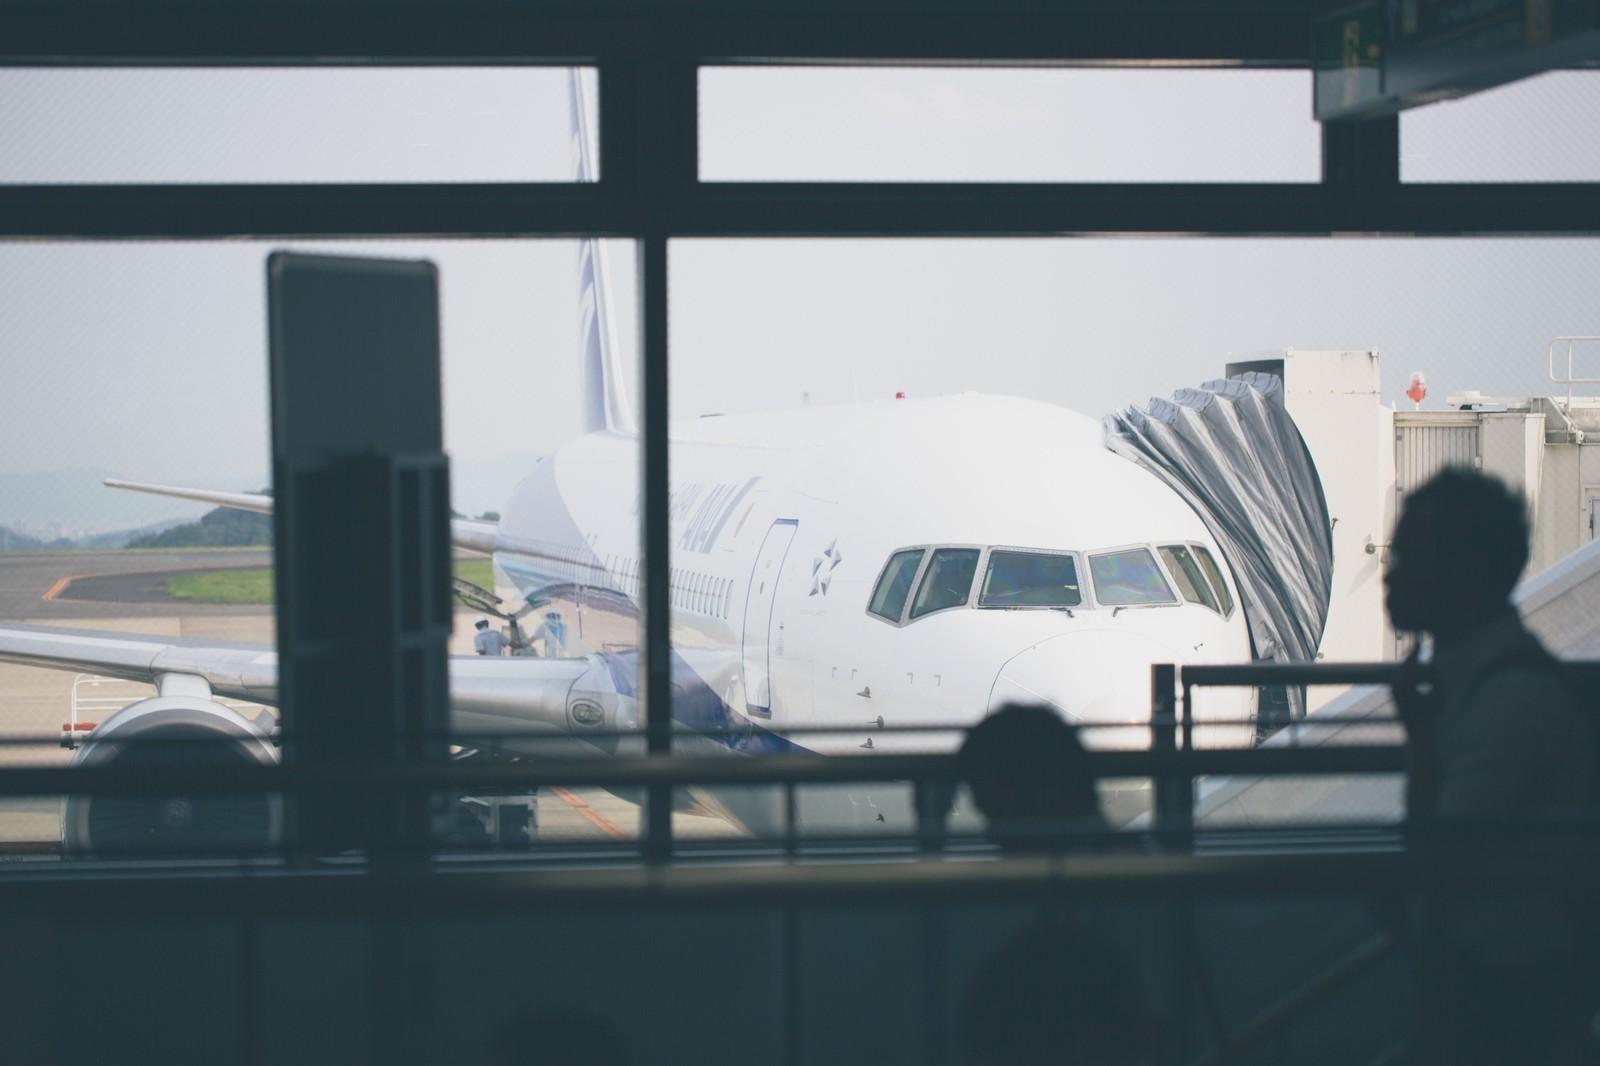 高松空港から帰りの飛行機がまさかの欠航!実際に体験して分かったすぐにやるべき対処法3つ【後編】